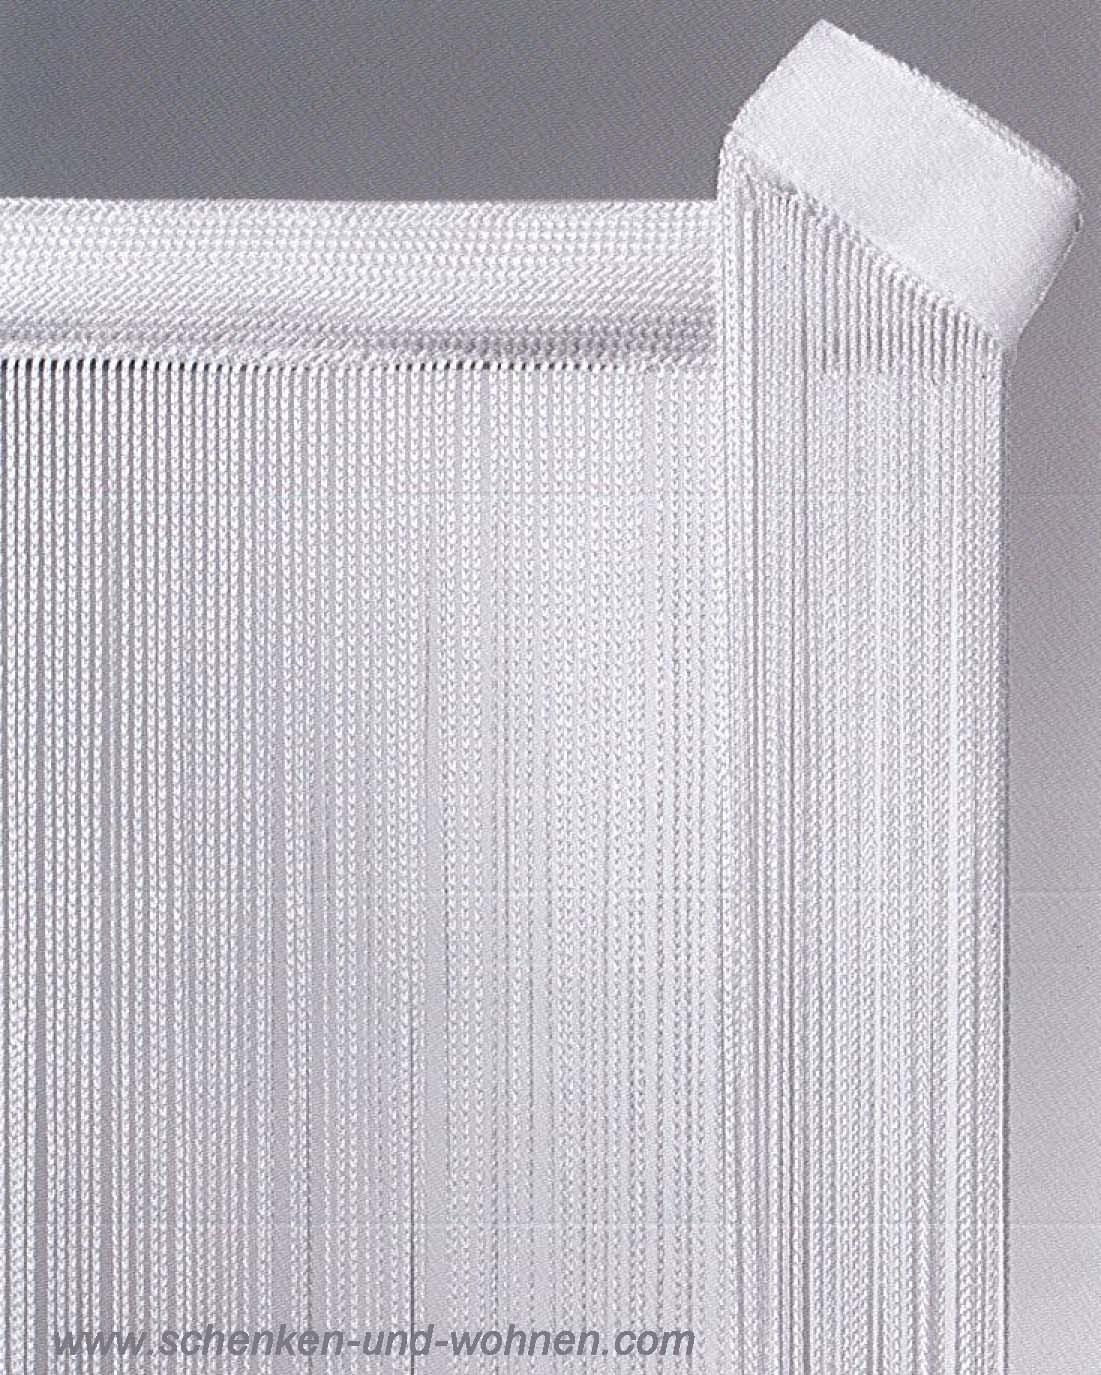 fadengardine paneele fl chenvorhang 60 x 250 cm wei mit flauschband schenken und. Black Bedroom Furniture Sets. Home Design Ideas